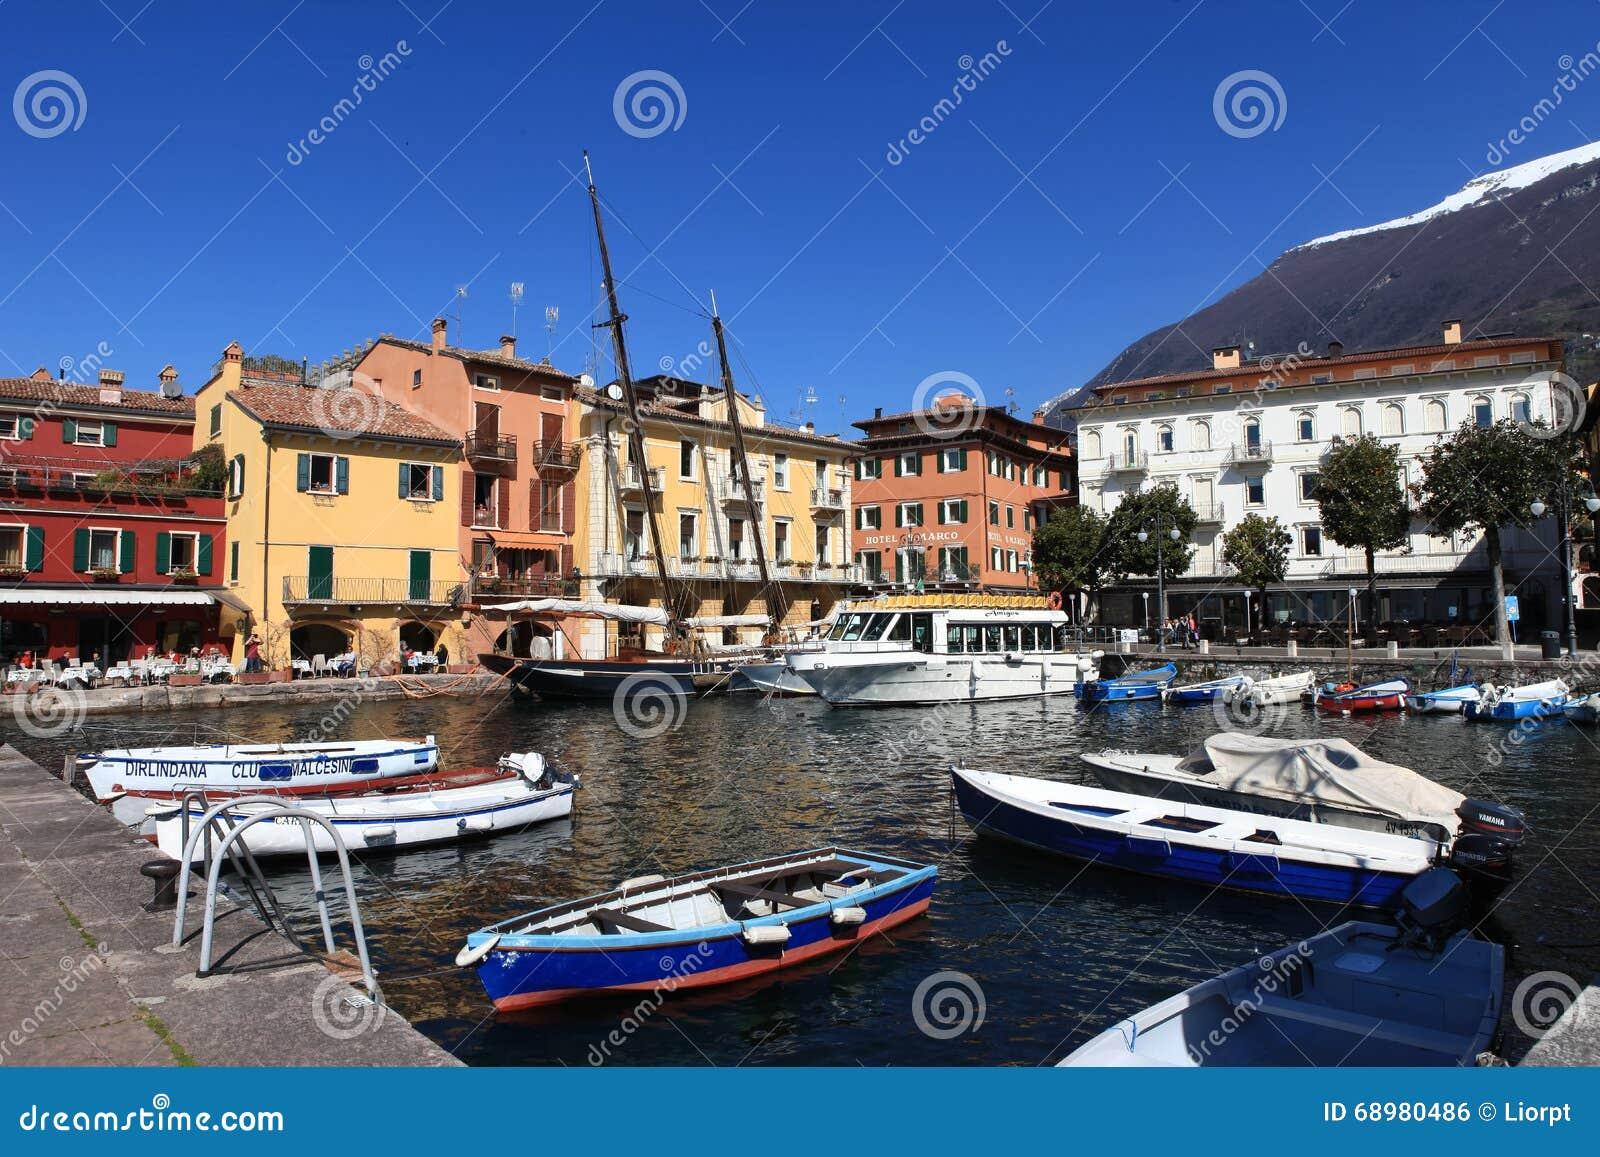 Vista del centro de ciudad de Malcesine y del pequeño puerto